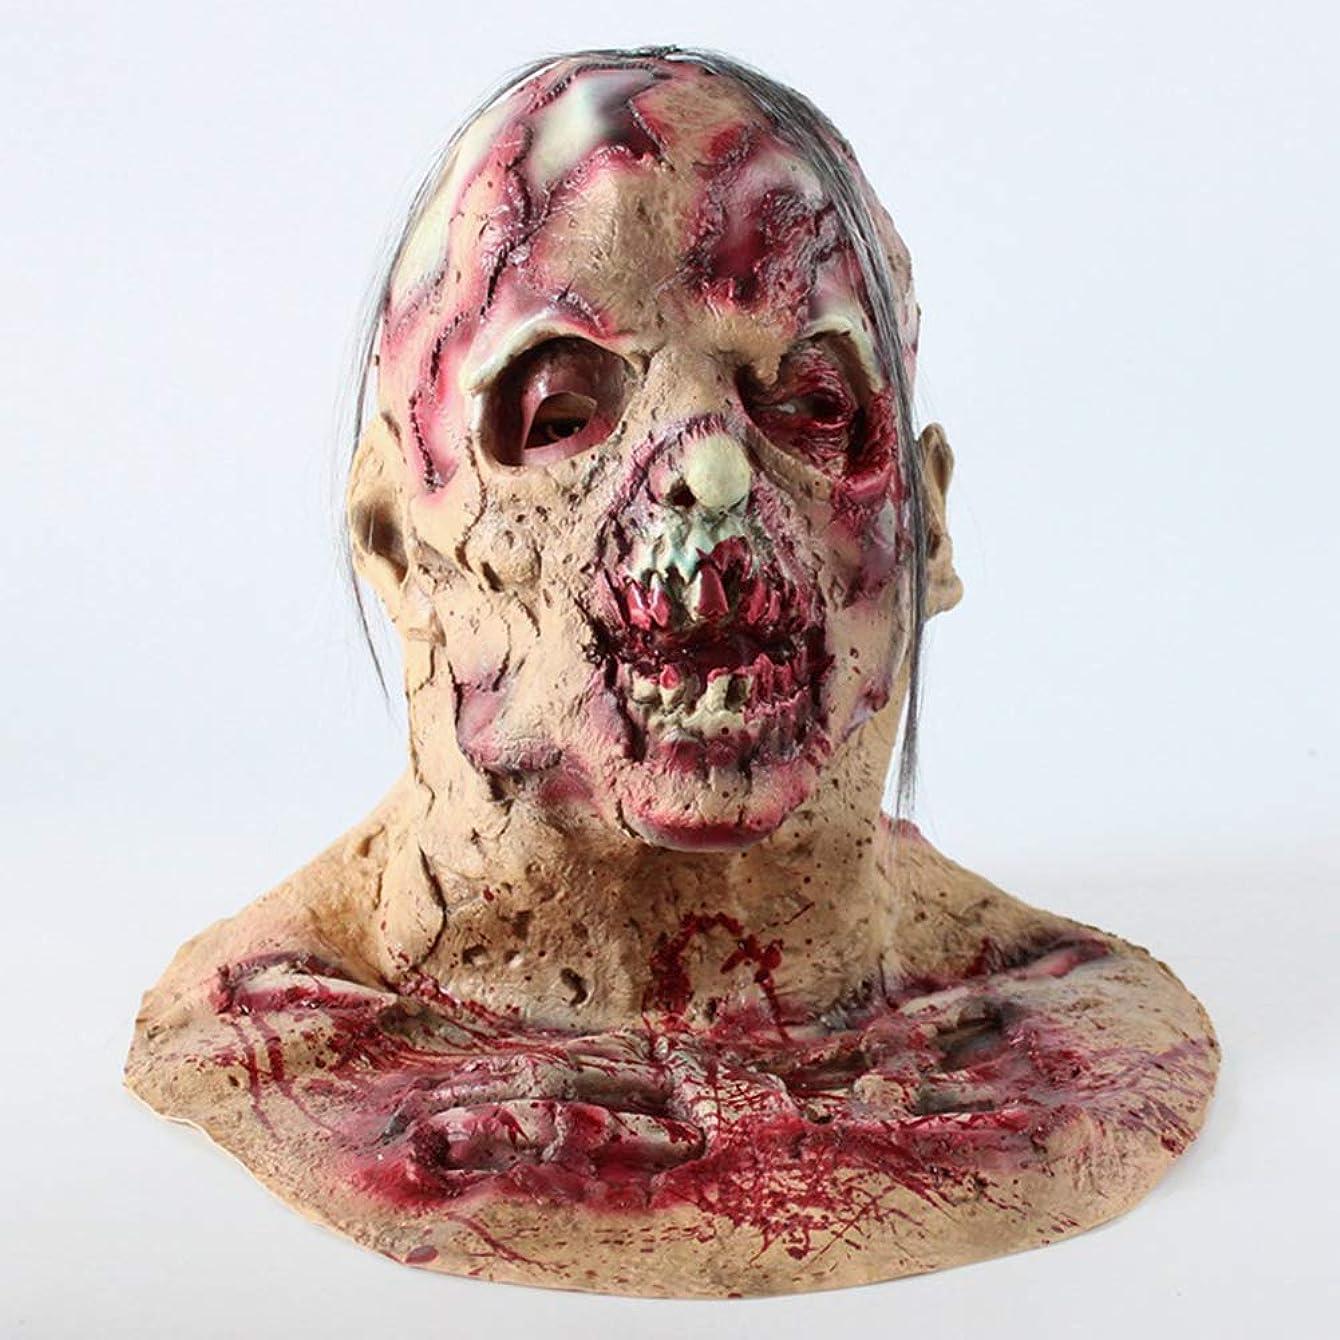 ハロウィーンホラーマスク、嫌なゾンビマスク、バイオハザードヘッドマスク、パーティー仮装ラテックスマスク